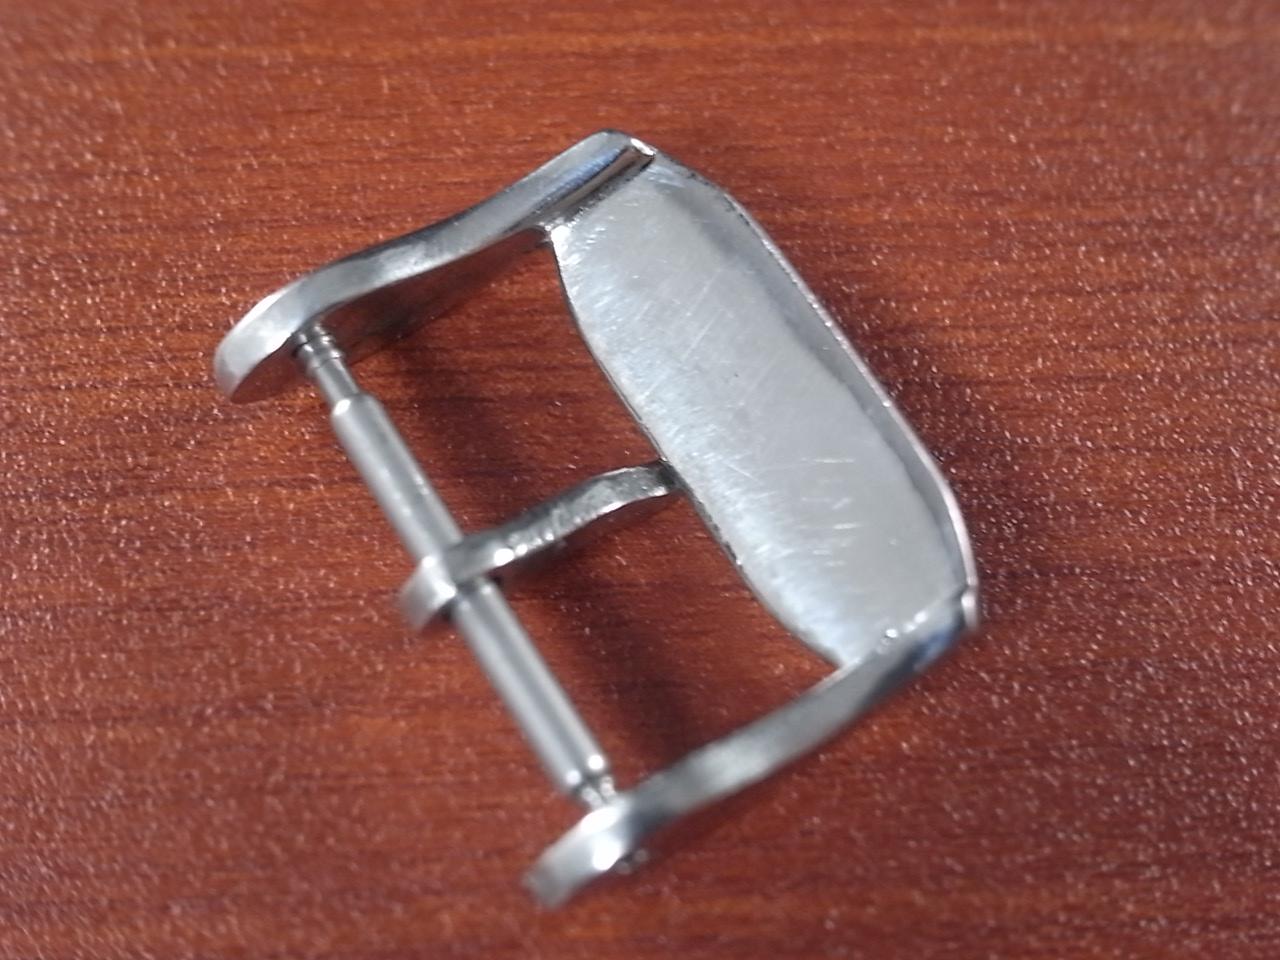 ミドー ヴィンテージ尾錠 SS 16mm 1940年代の写真3枚目